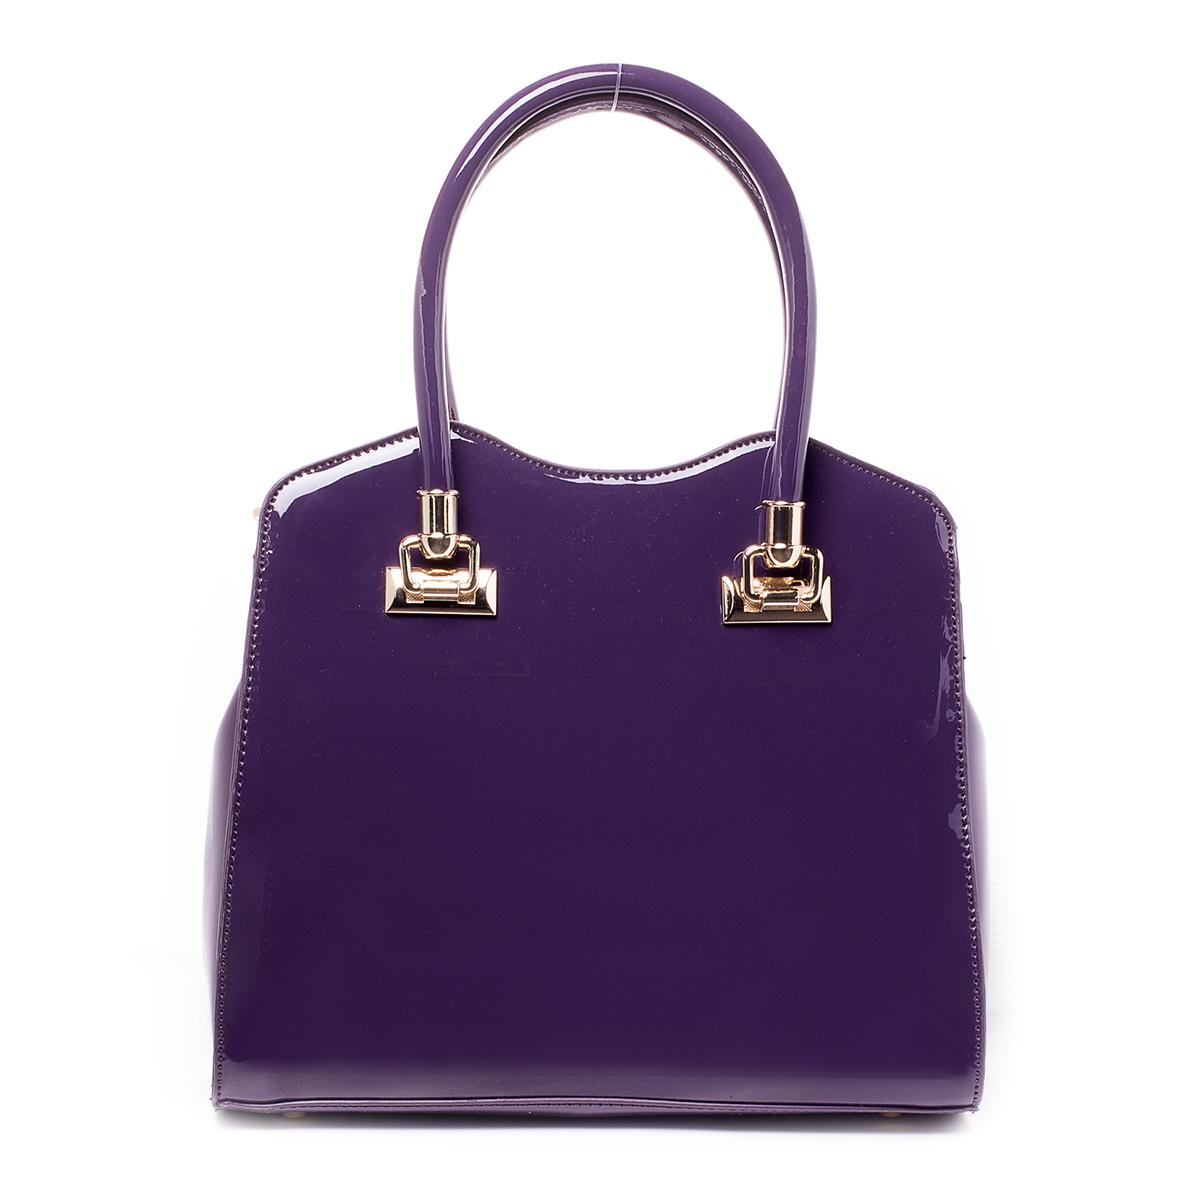 Сумка женская Baggini, цвет: фиолетовый. 35111/4535111/45Загрязнения на изделиях удаляется влажной мягкой тканью